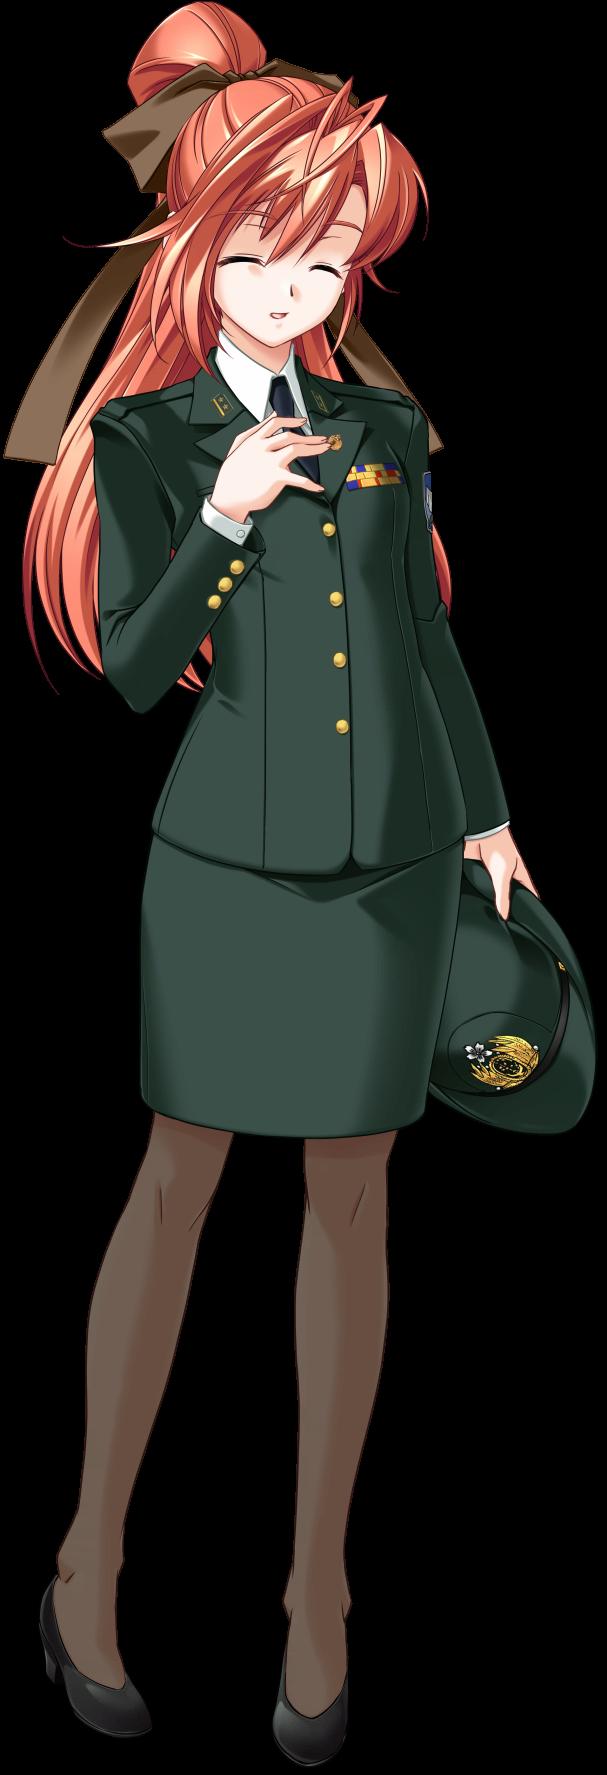 Isumi Marika